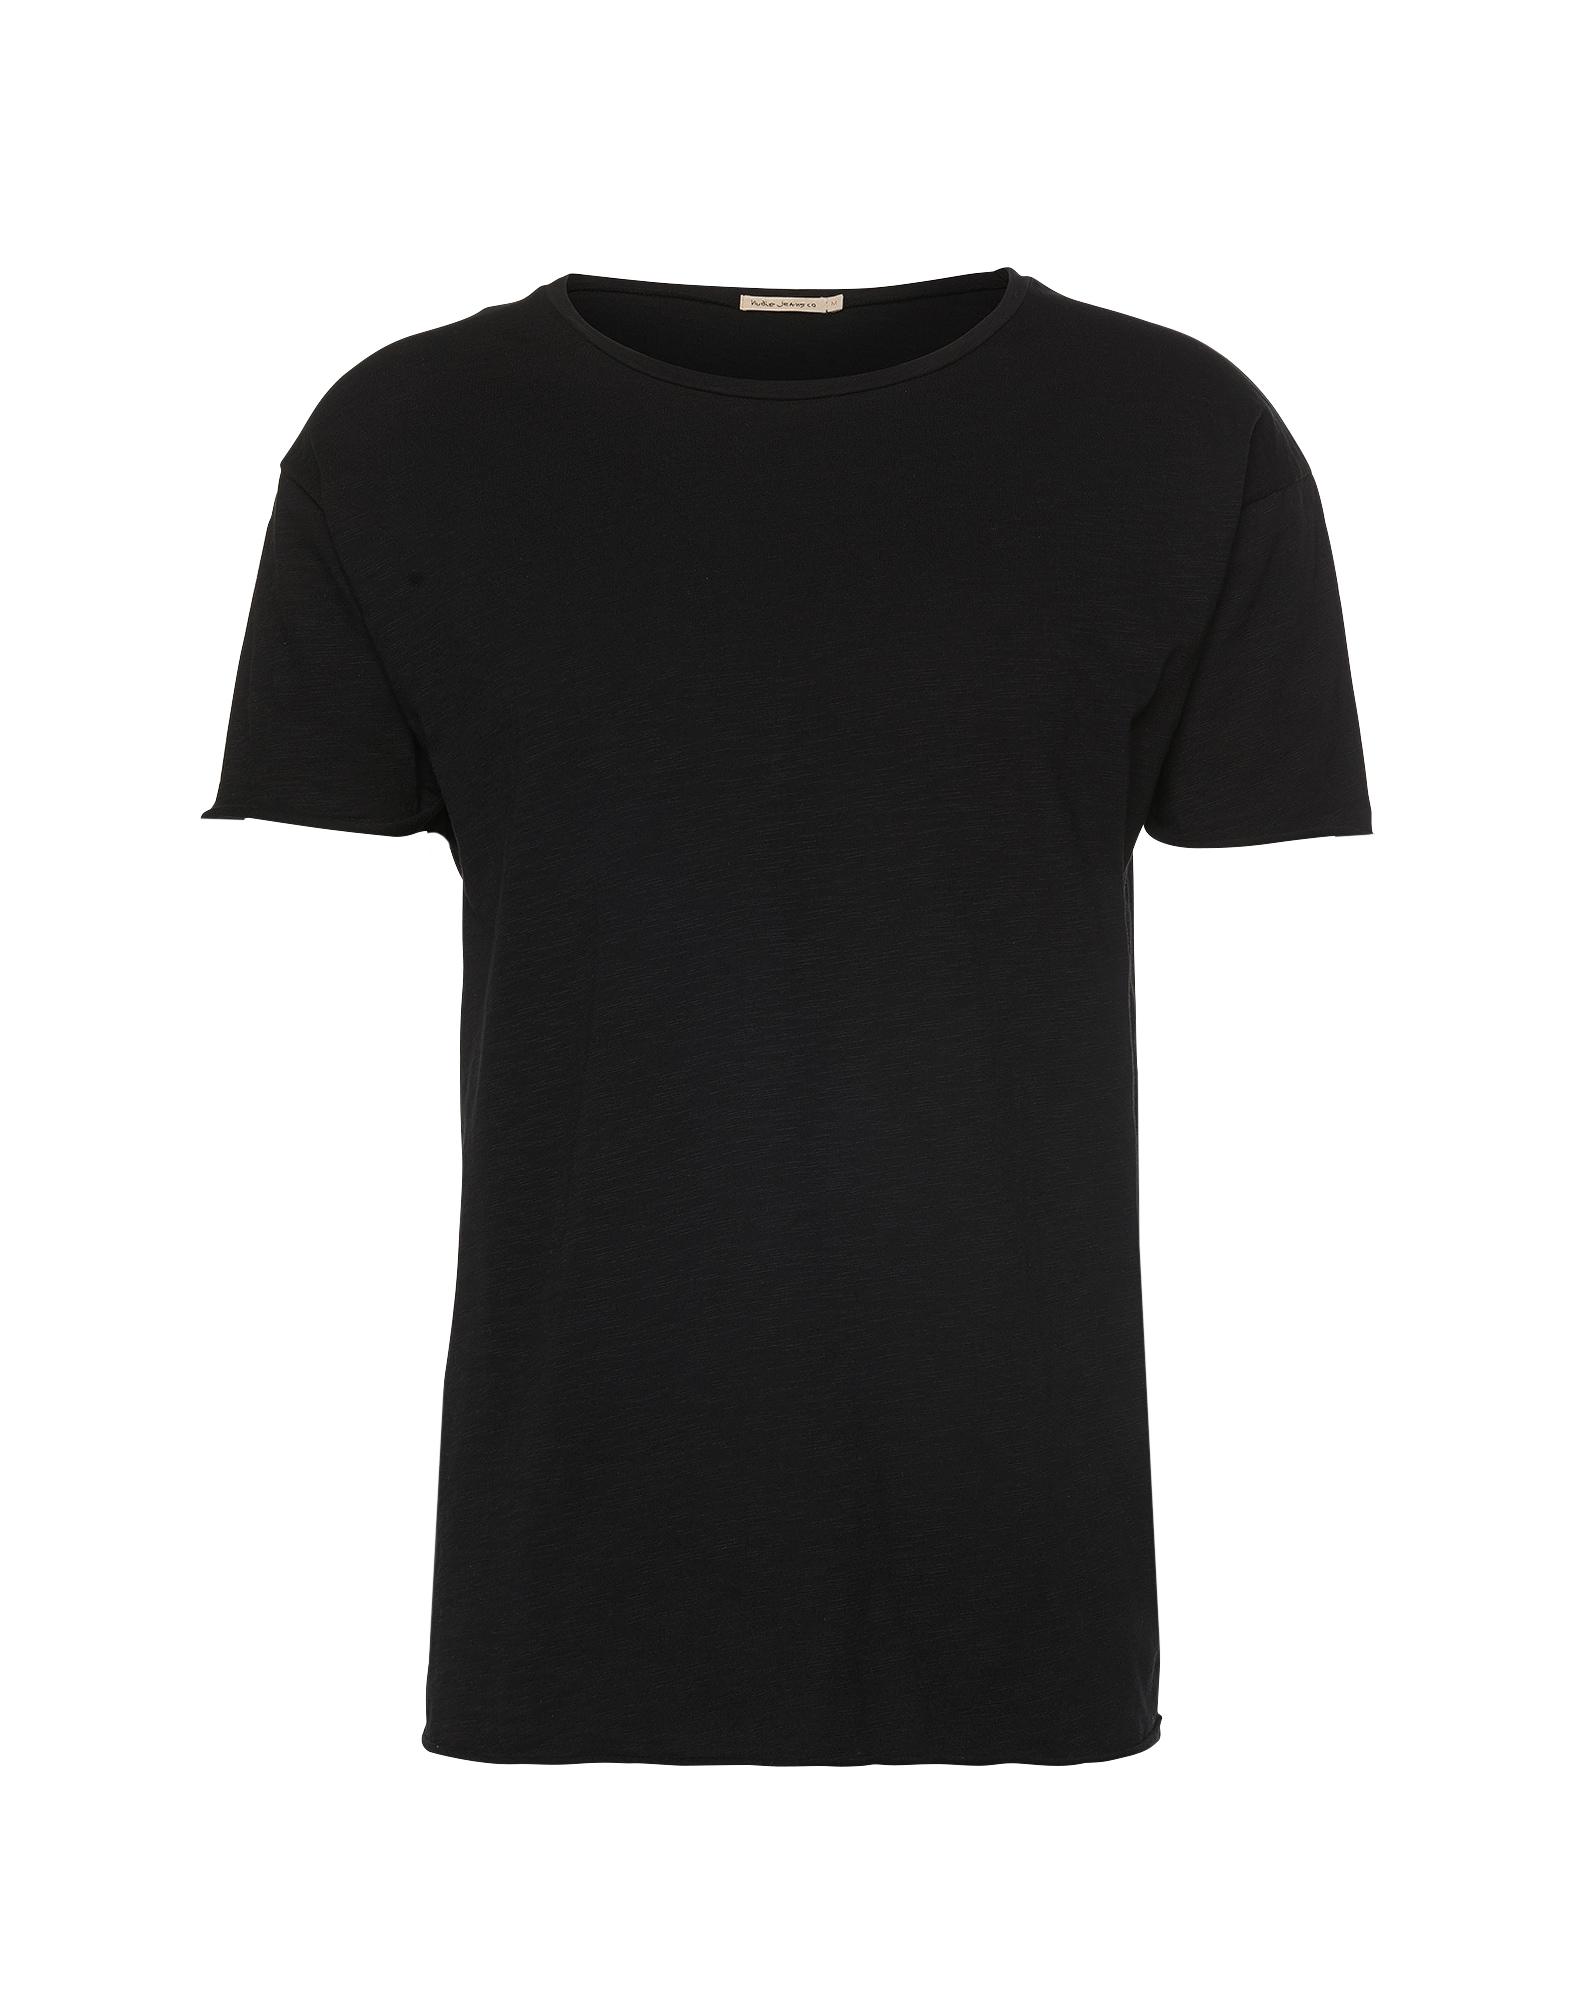 Nudie Jeans Co Marškinėliai 'Roger Slub' juoda